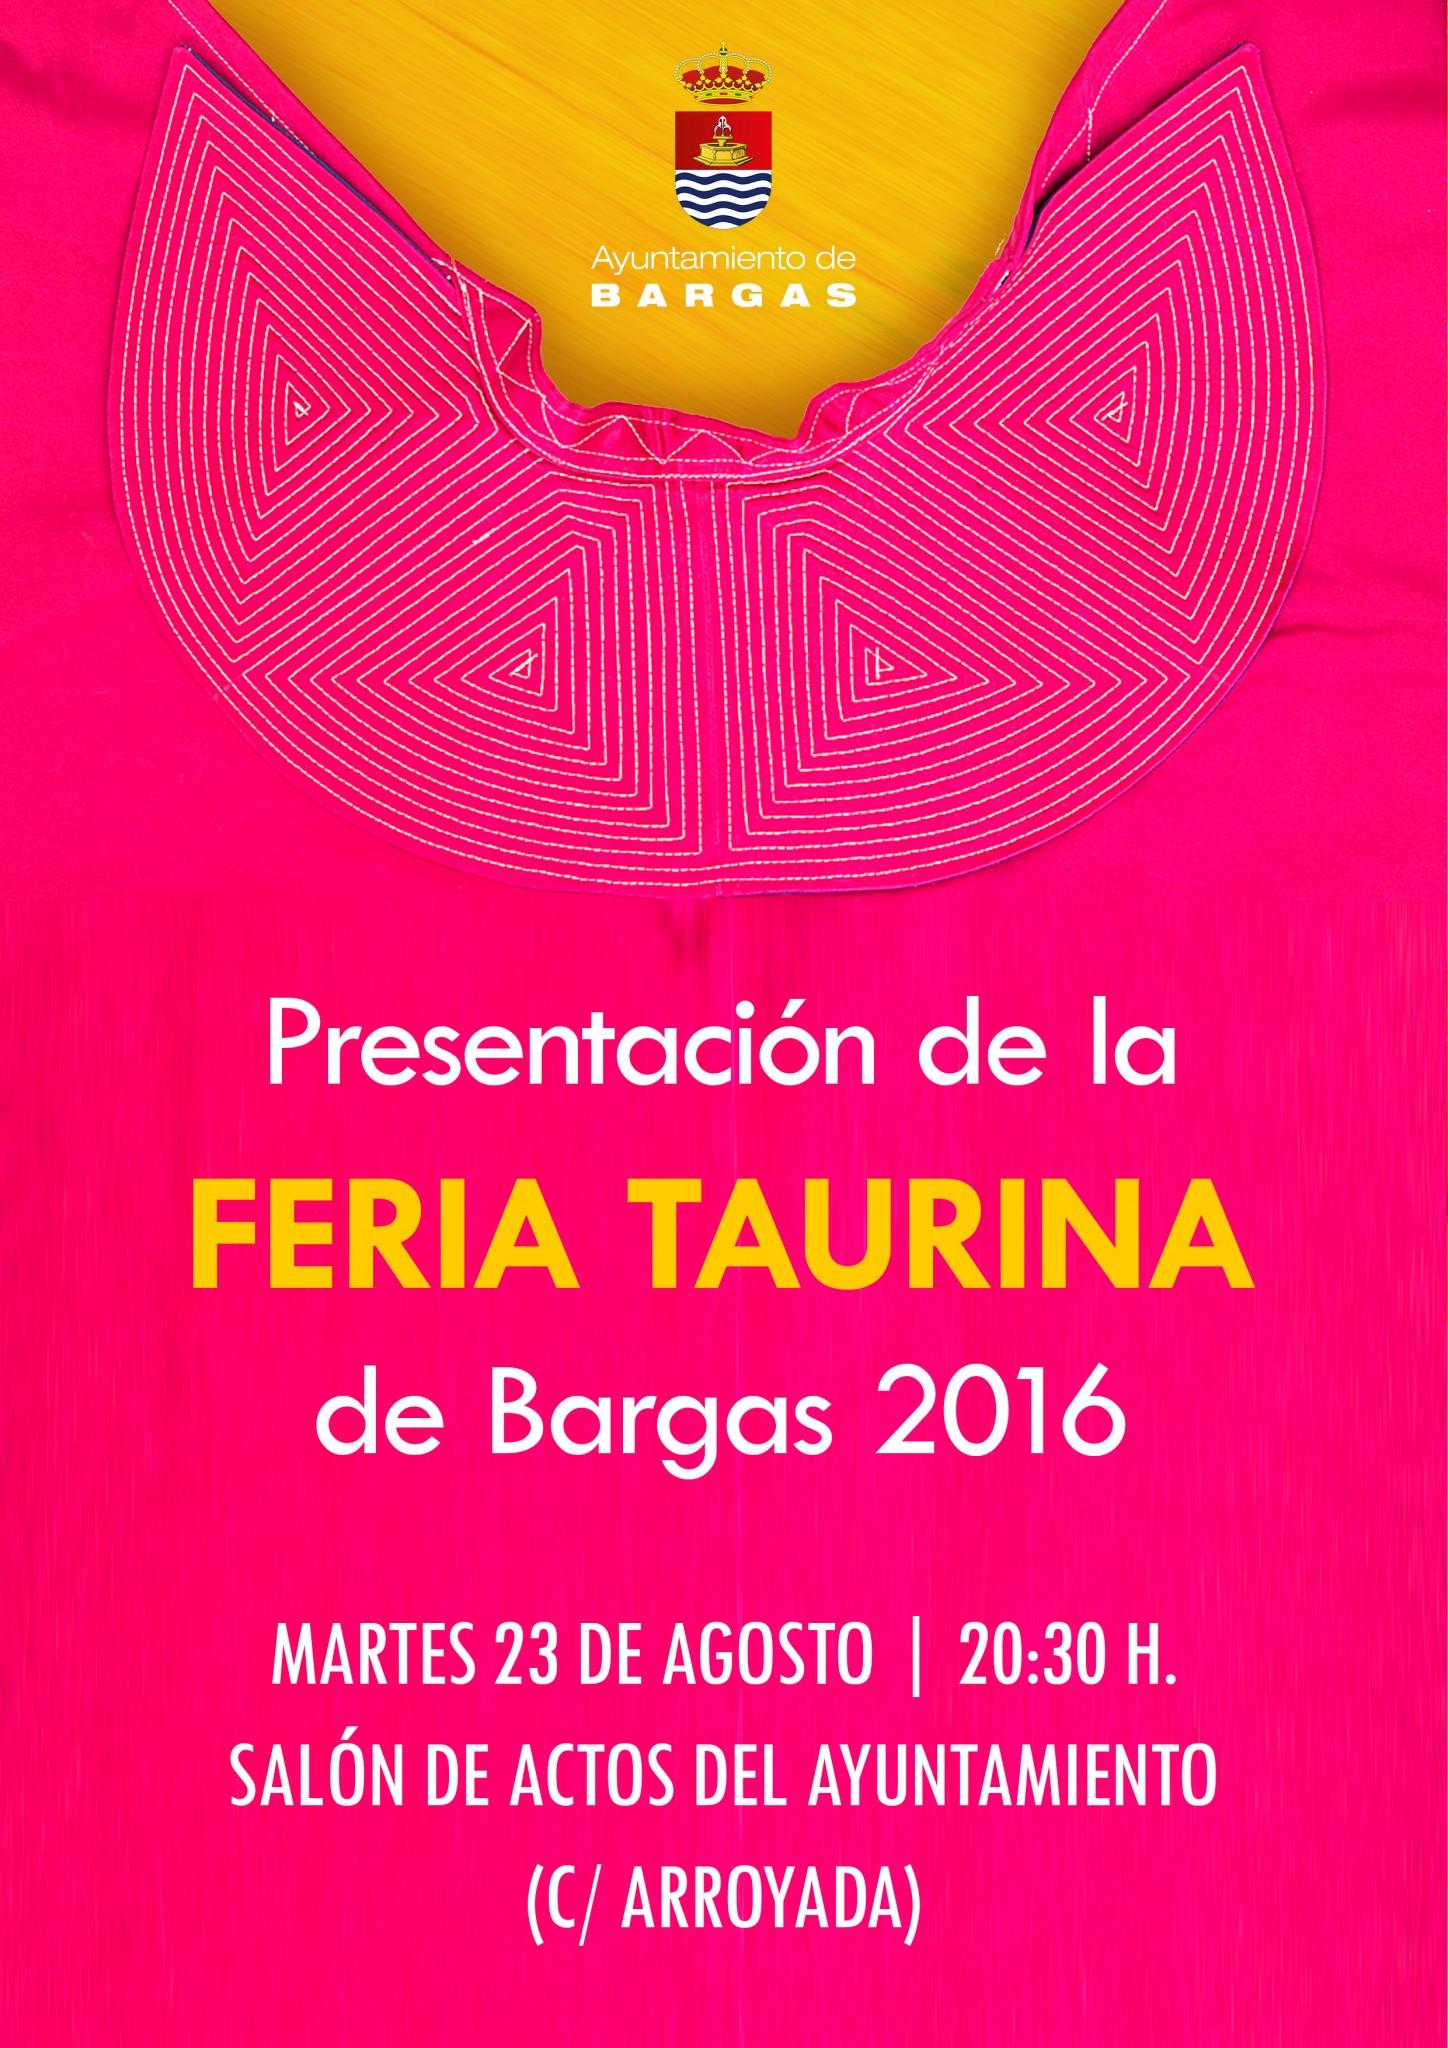 Presentación de la Feria Taurina 2016